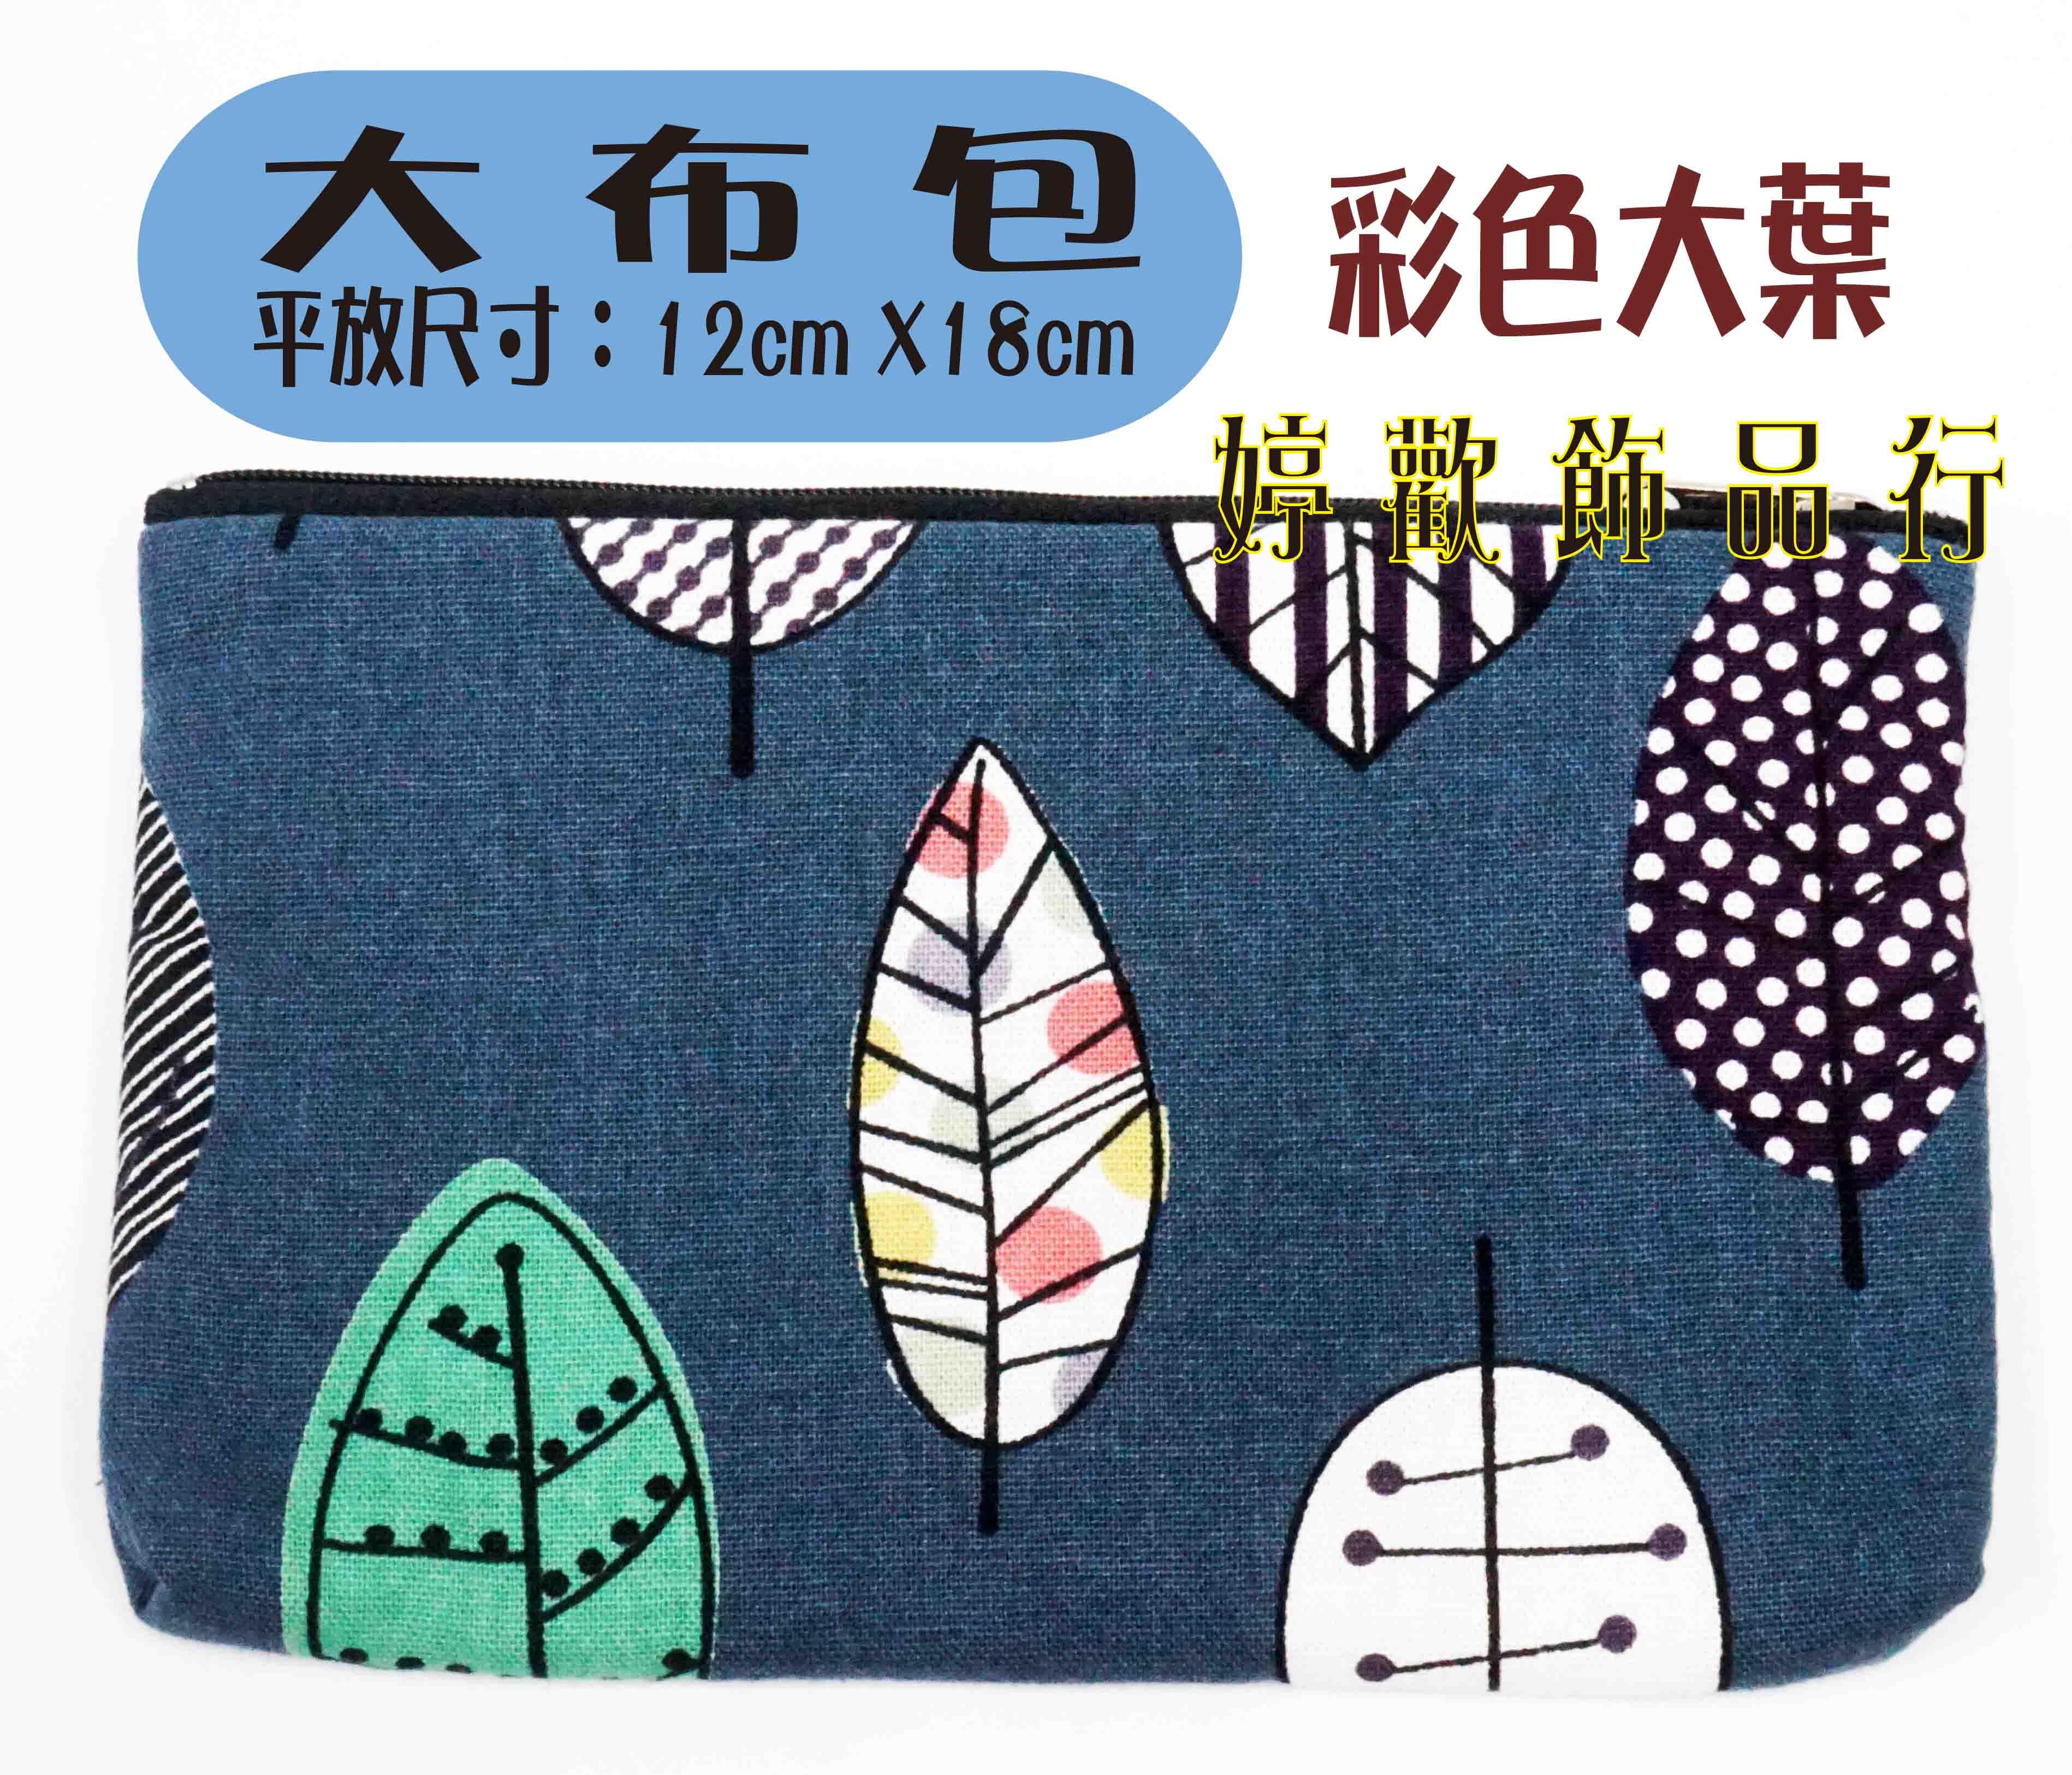 台灣手工大布包/錢包/筆袋/護照包/手機包/裝衛生棉/彩色大葉